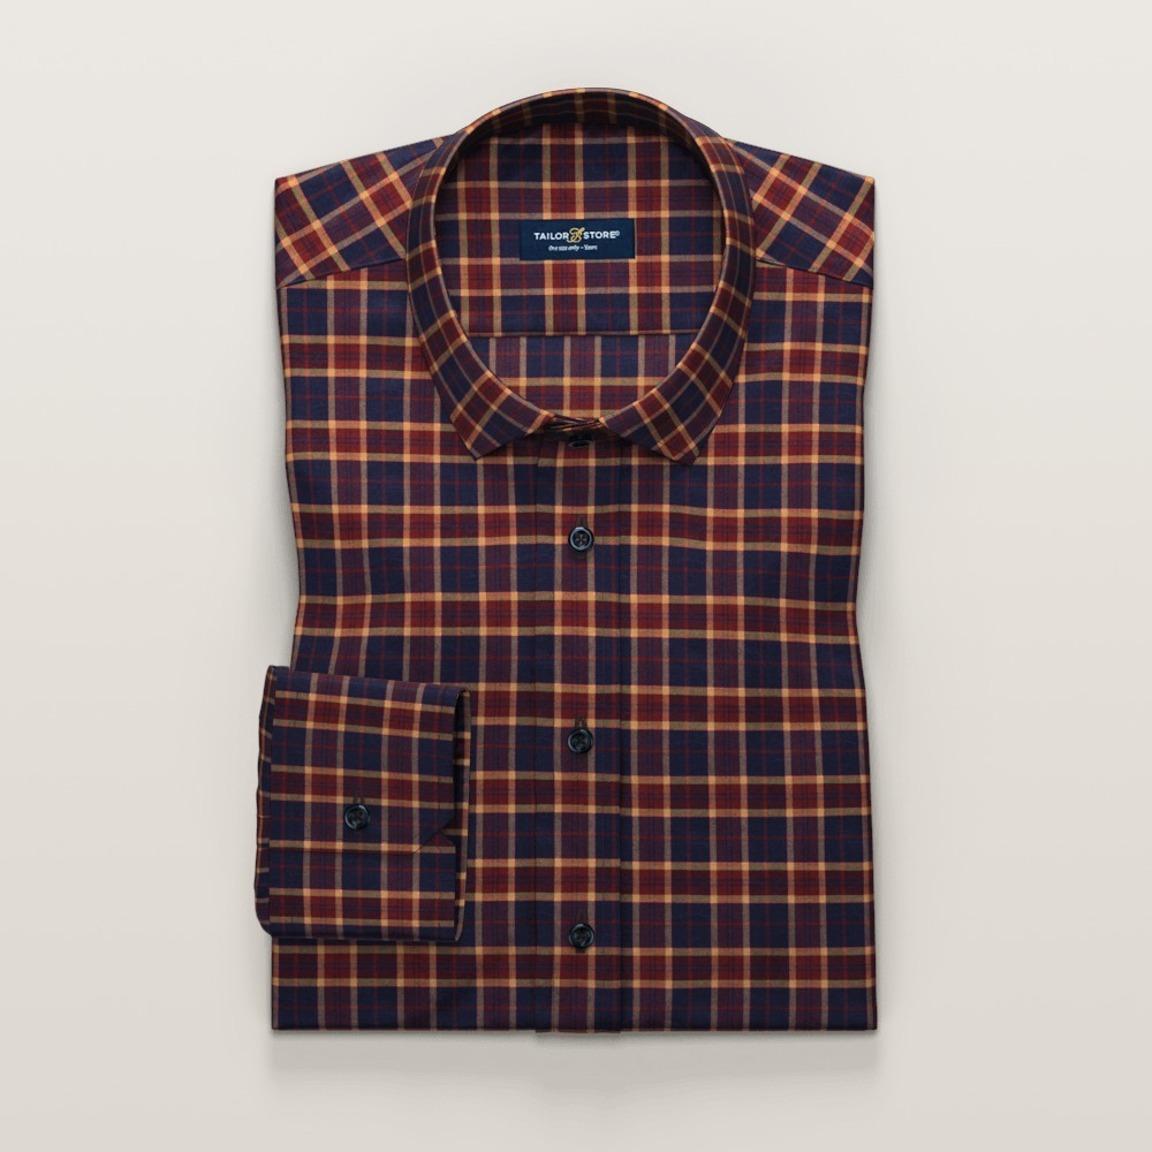 Blue twill shirt in plaid pattern